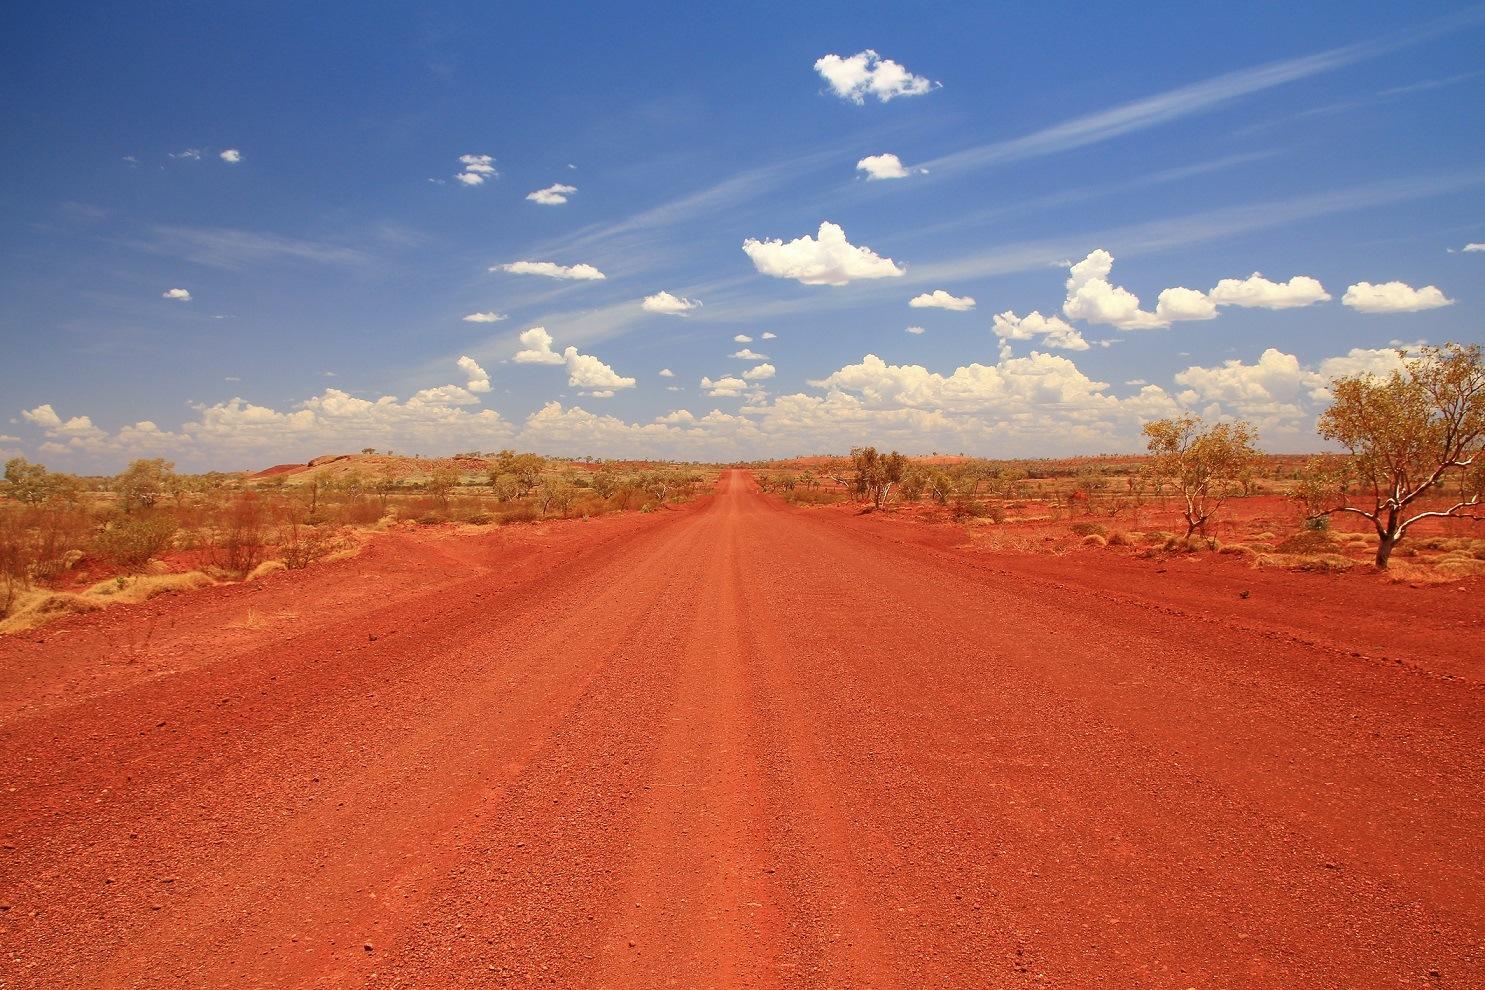 Dirt road across the Pilbara in Australian outback